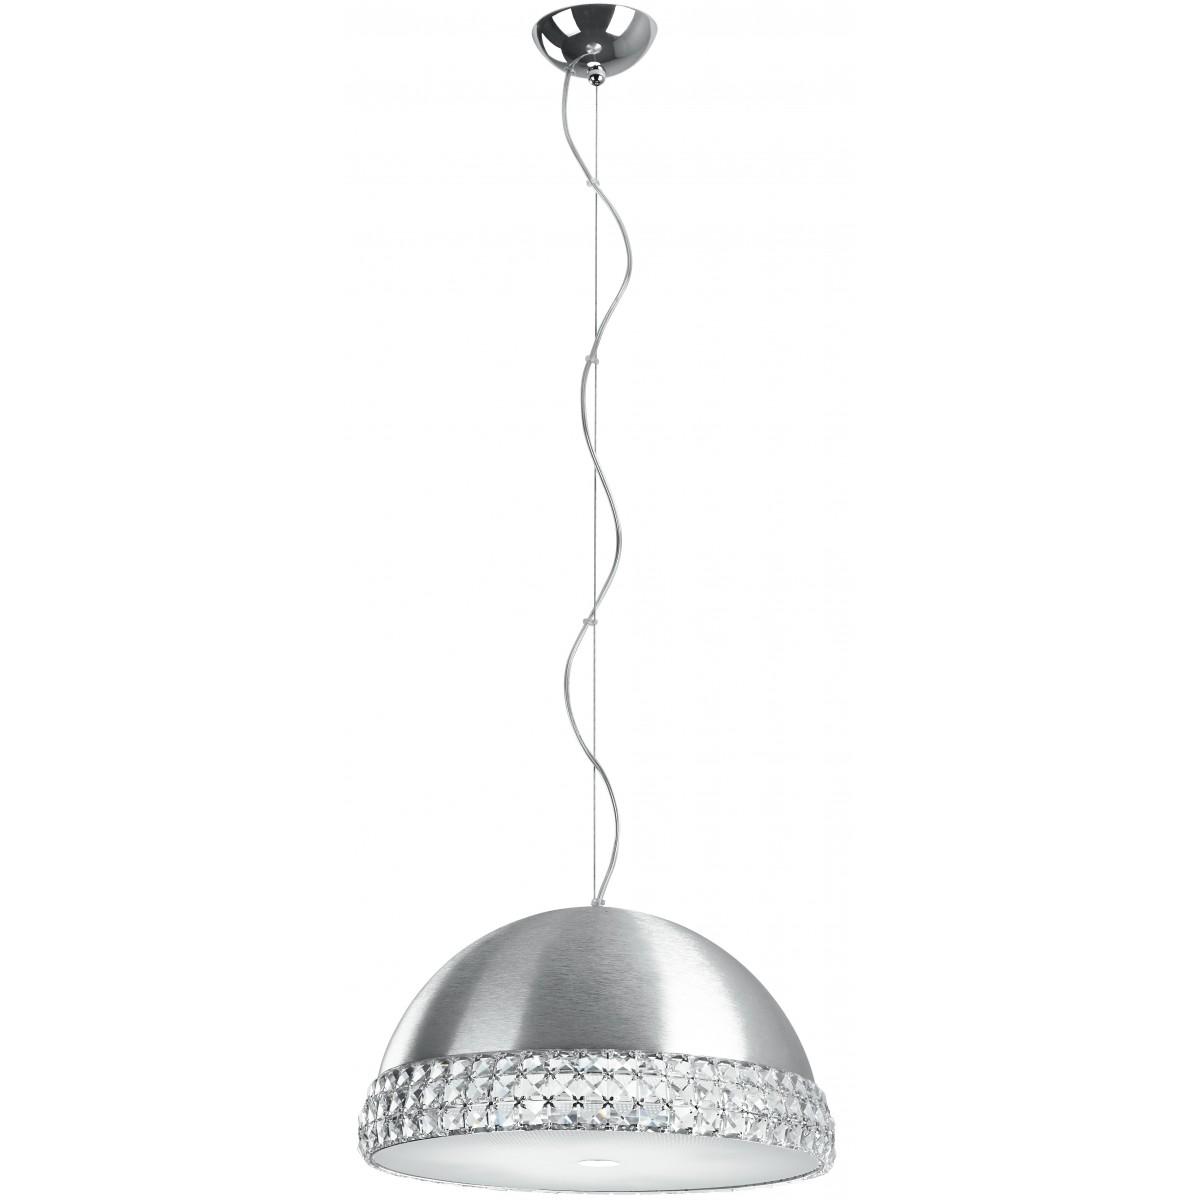 I-ARMONIA/S41 SILVER - Lampadario Alluminio Argentato Fascia Cristalli K9 diffusore Vetro 42 watt G9